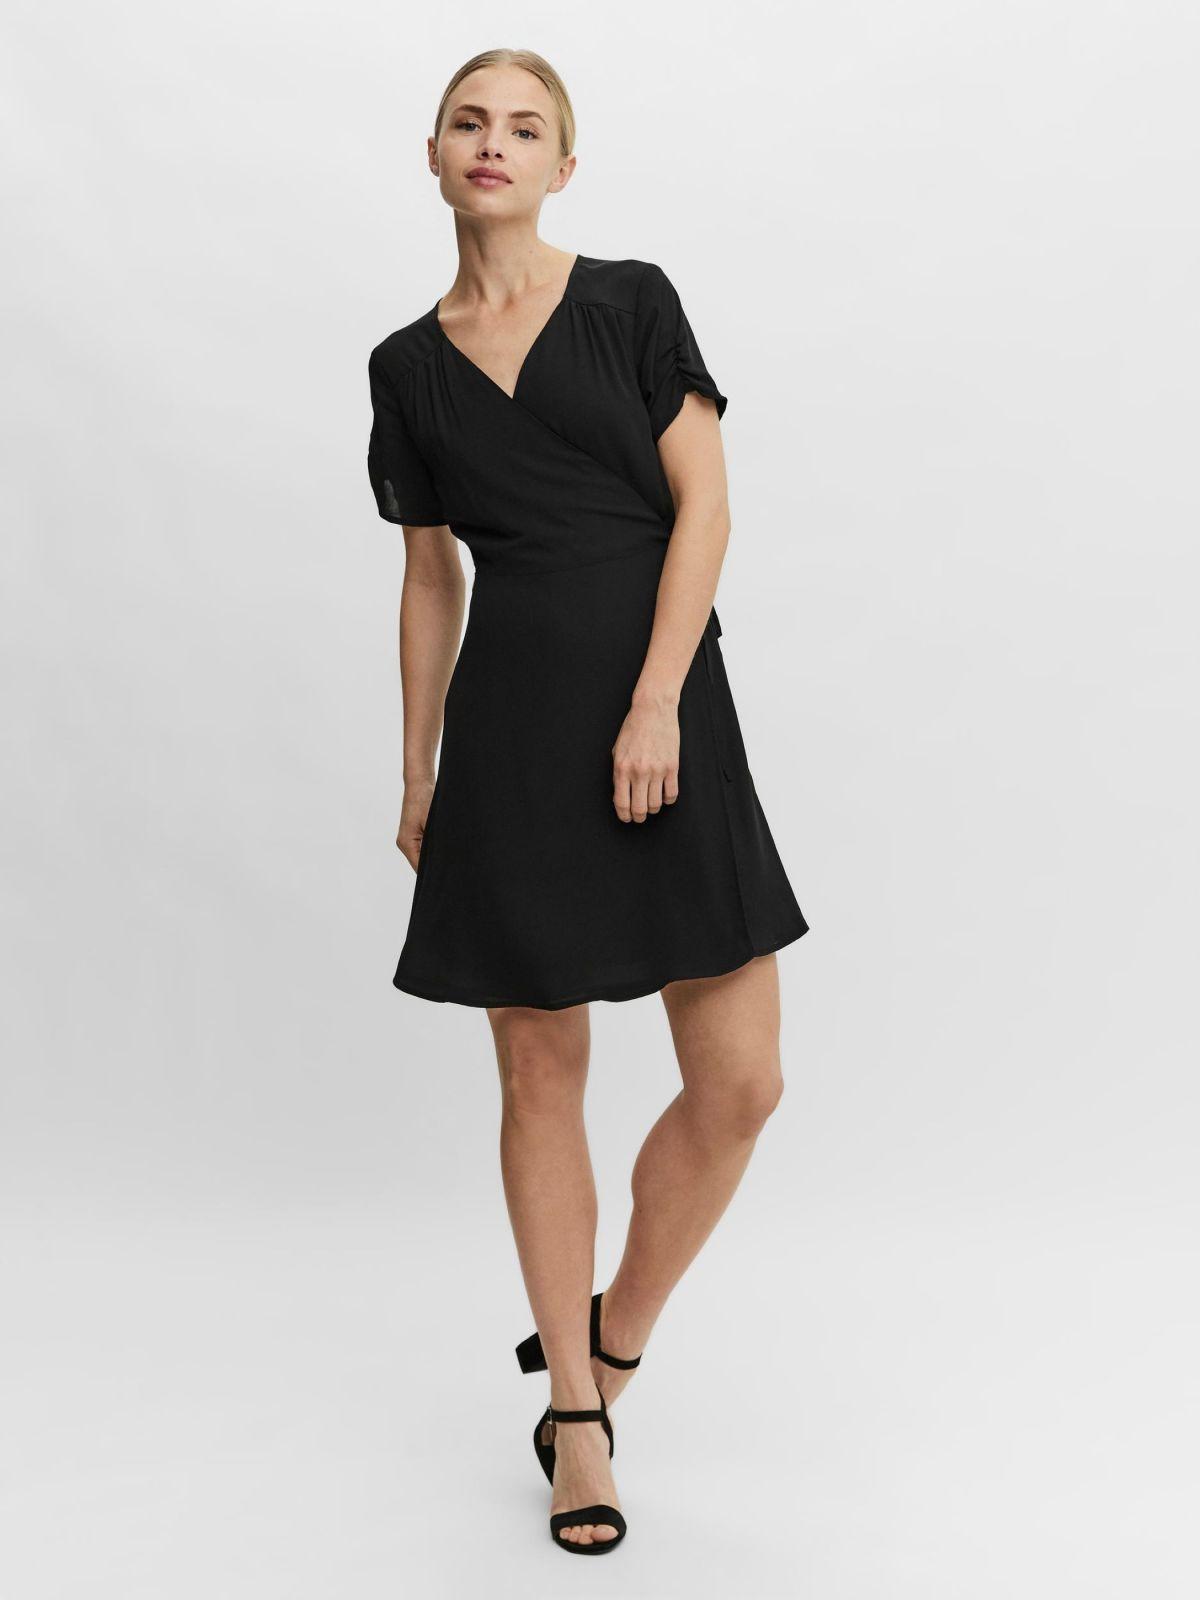 שמלת מיני מעטפתשמלת מיני מעטפת של VERO MODA